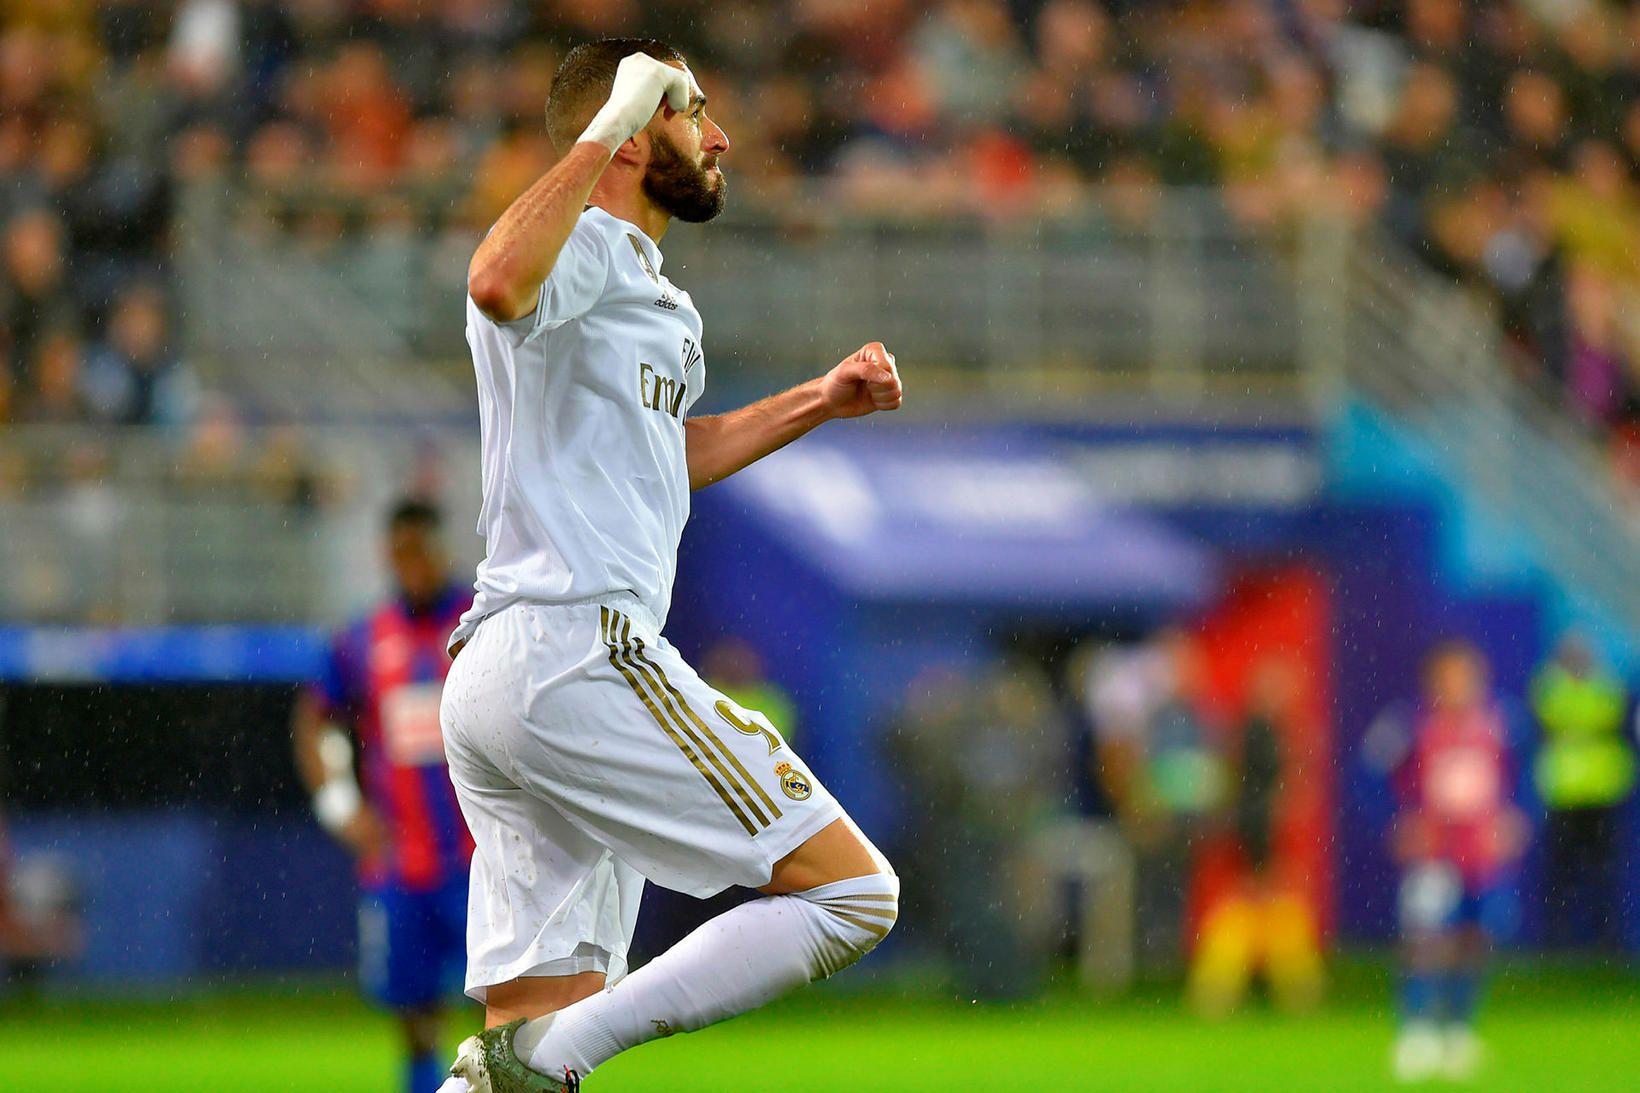 Karim Benzema skoraði fagnar öðru marki sínu gegn Eibar.